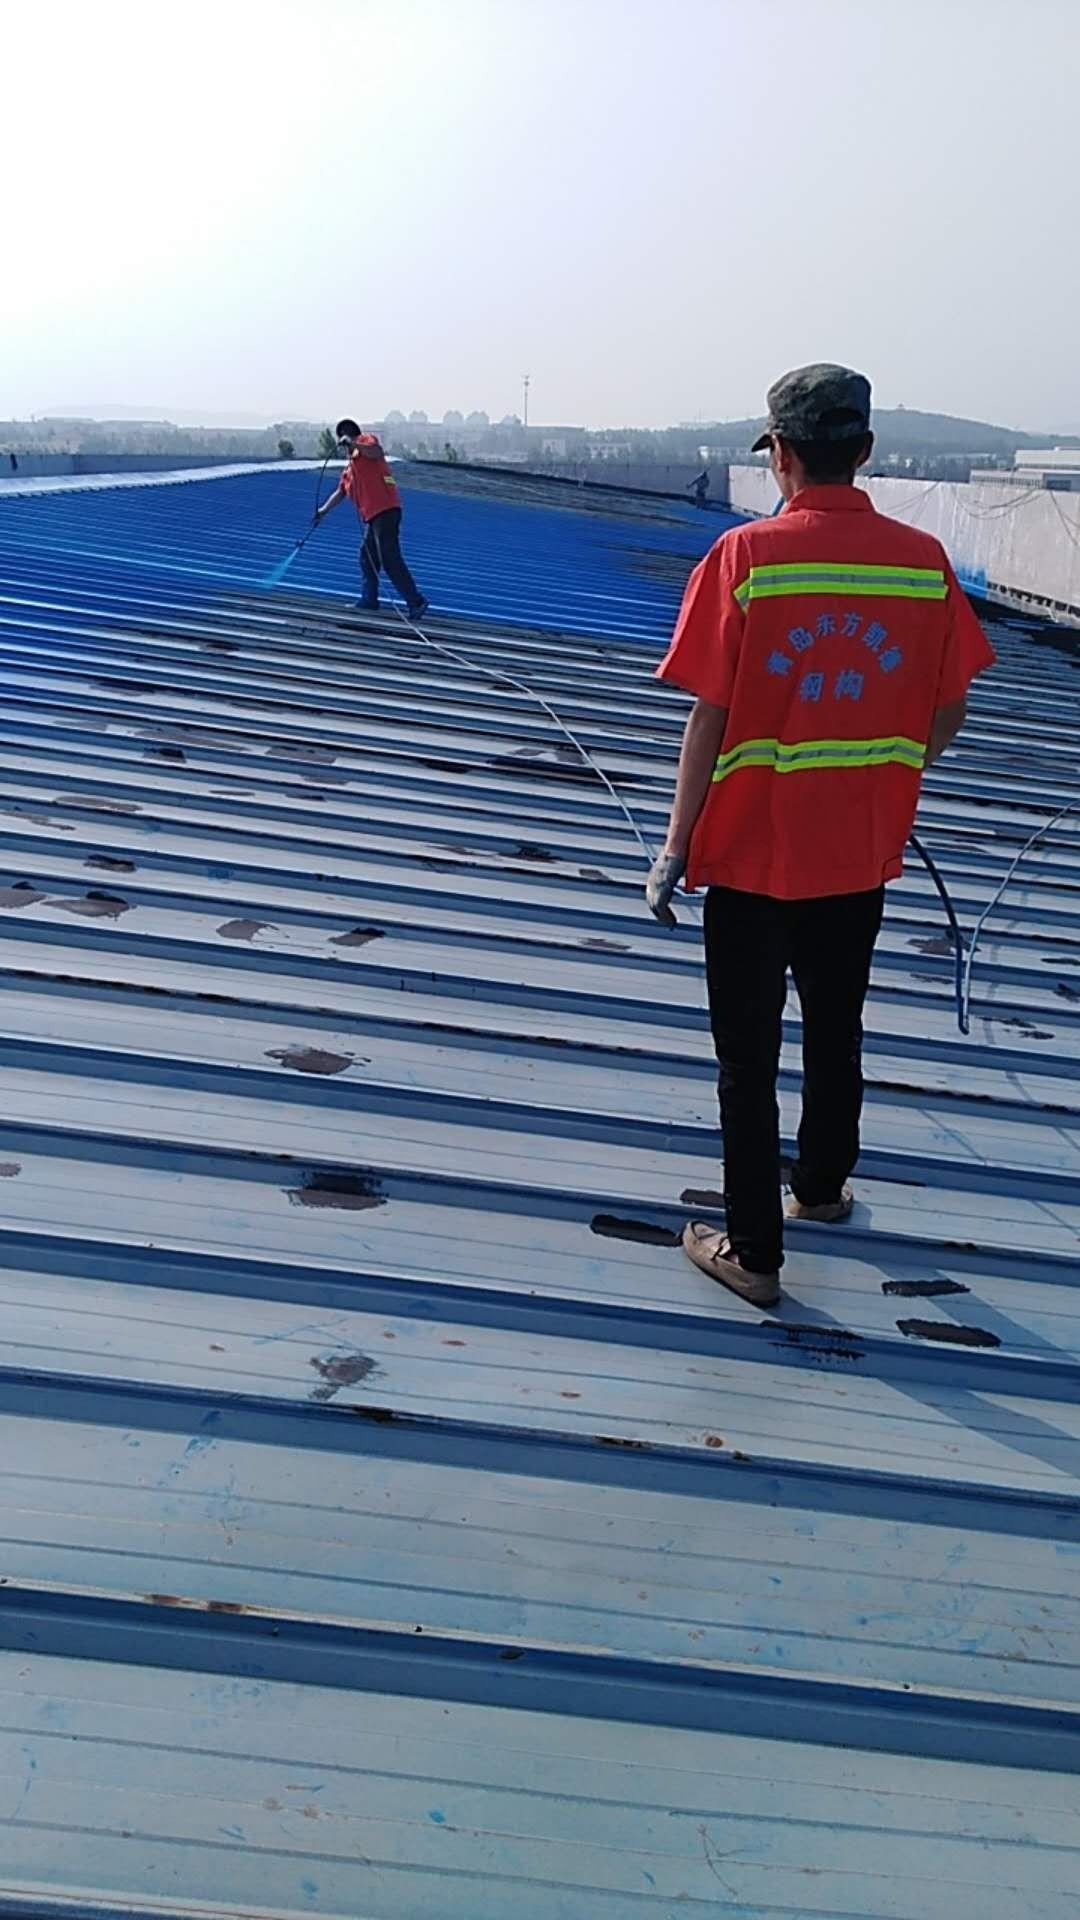 青岛东方凯德钢结构厂房 彩钢瓦屋面防水防腐施工中照片